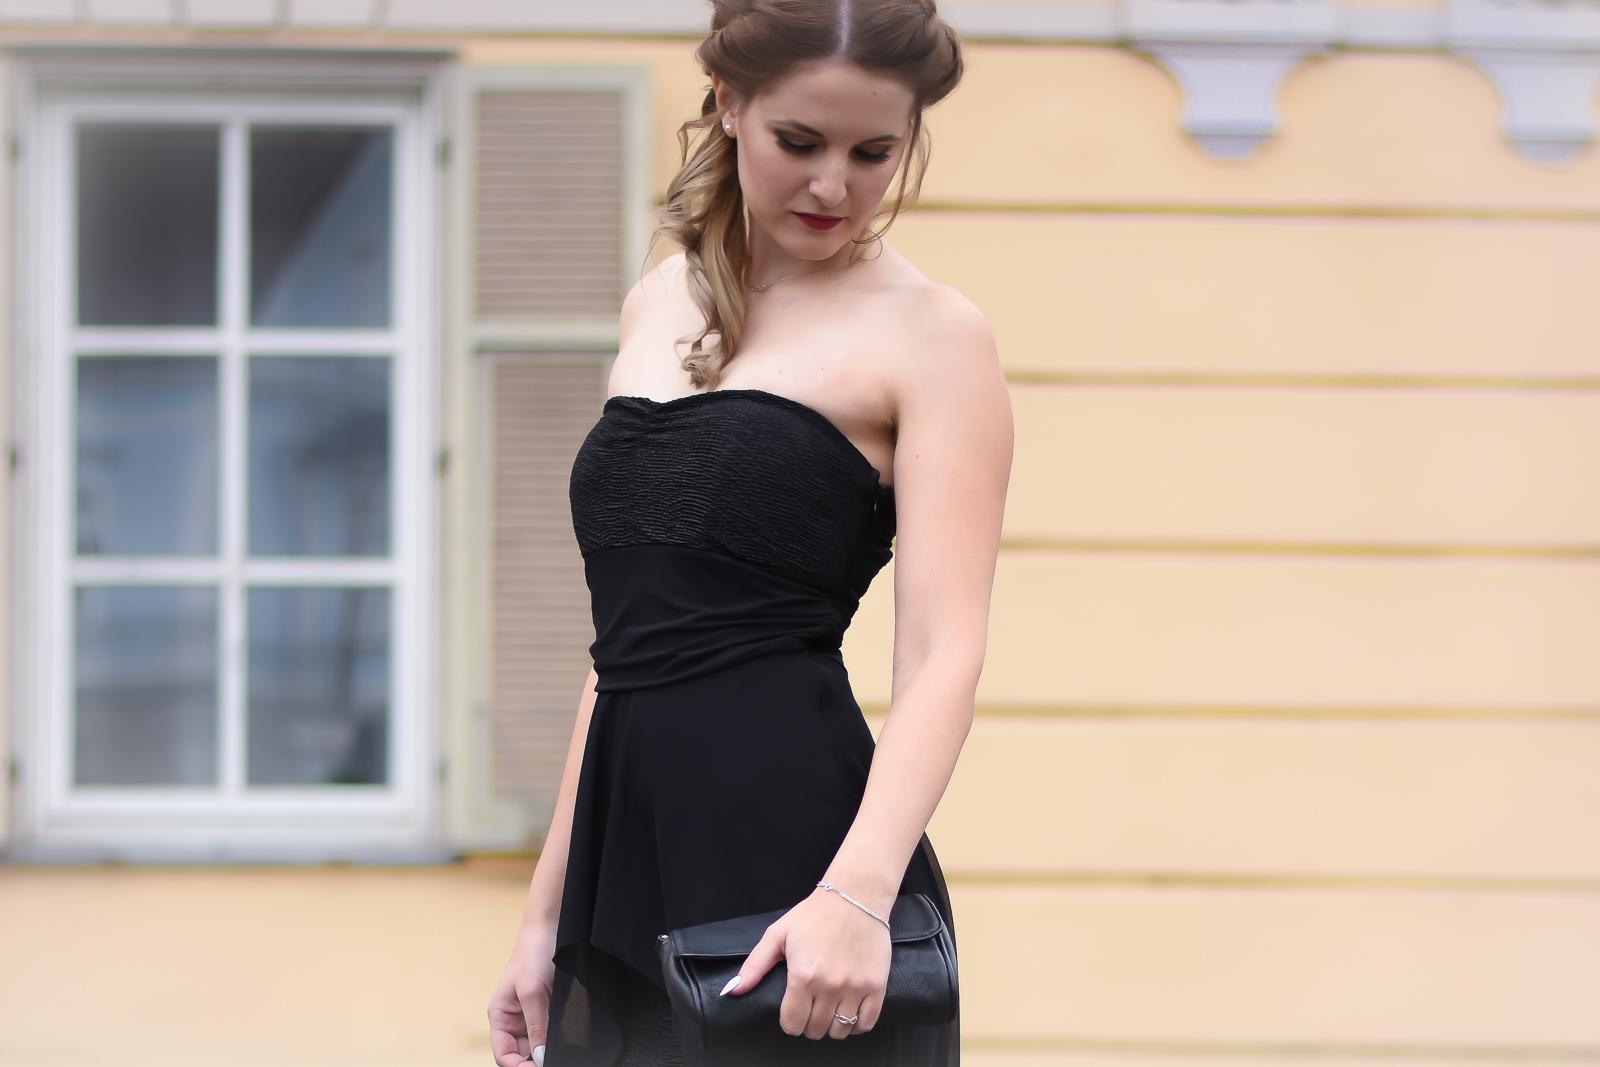 Ballkleider Guide - finde die perfekte Ballrobe - Fashionladyloves